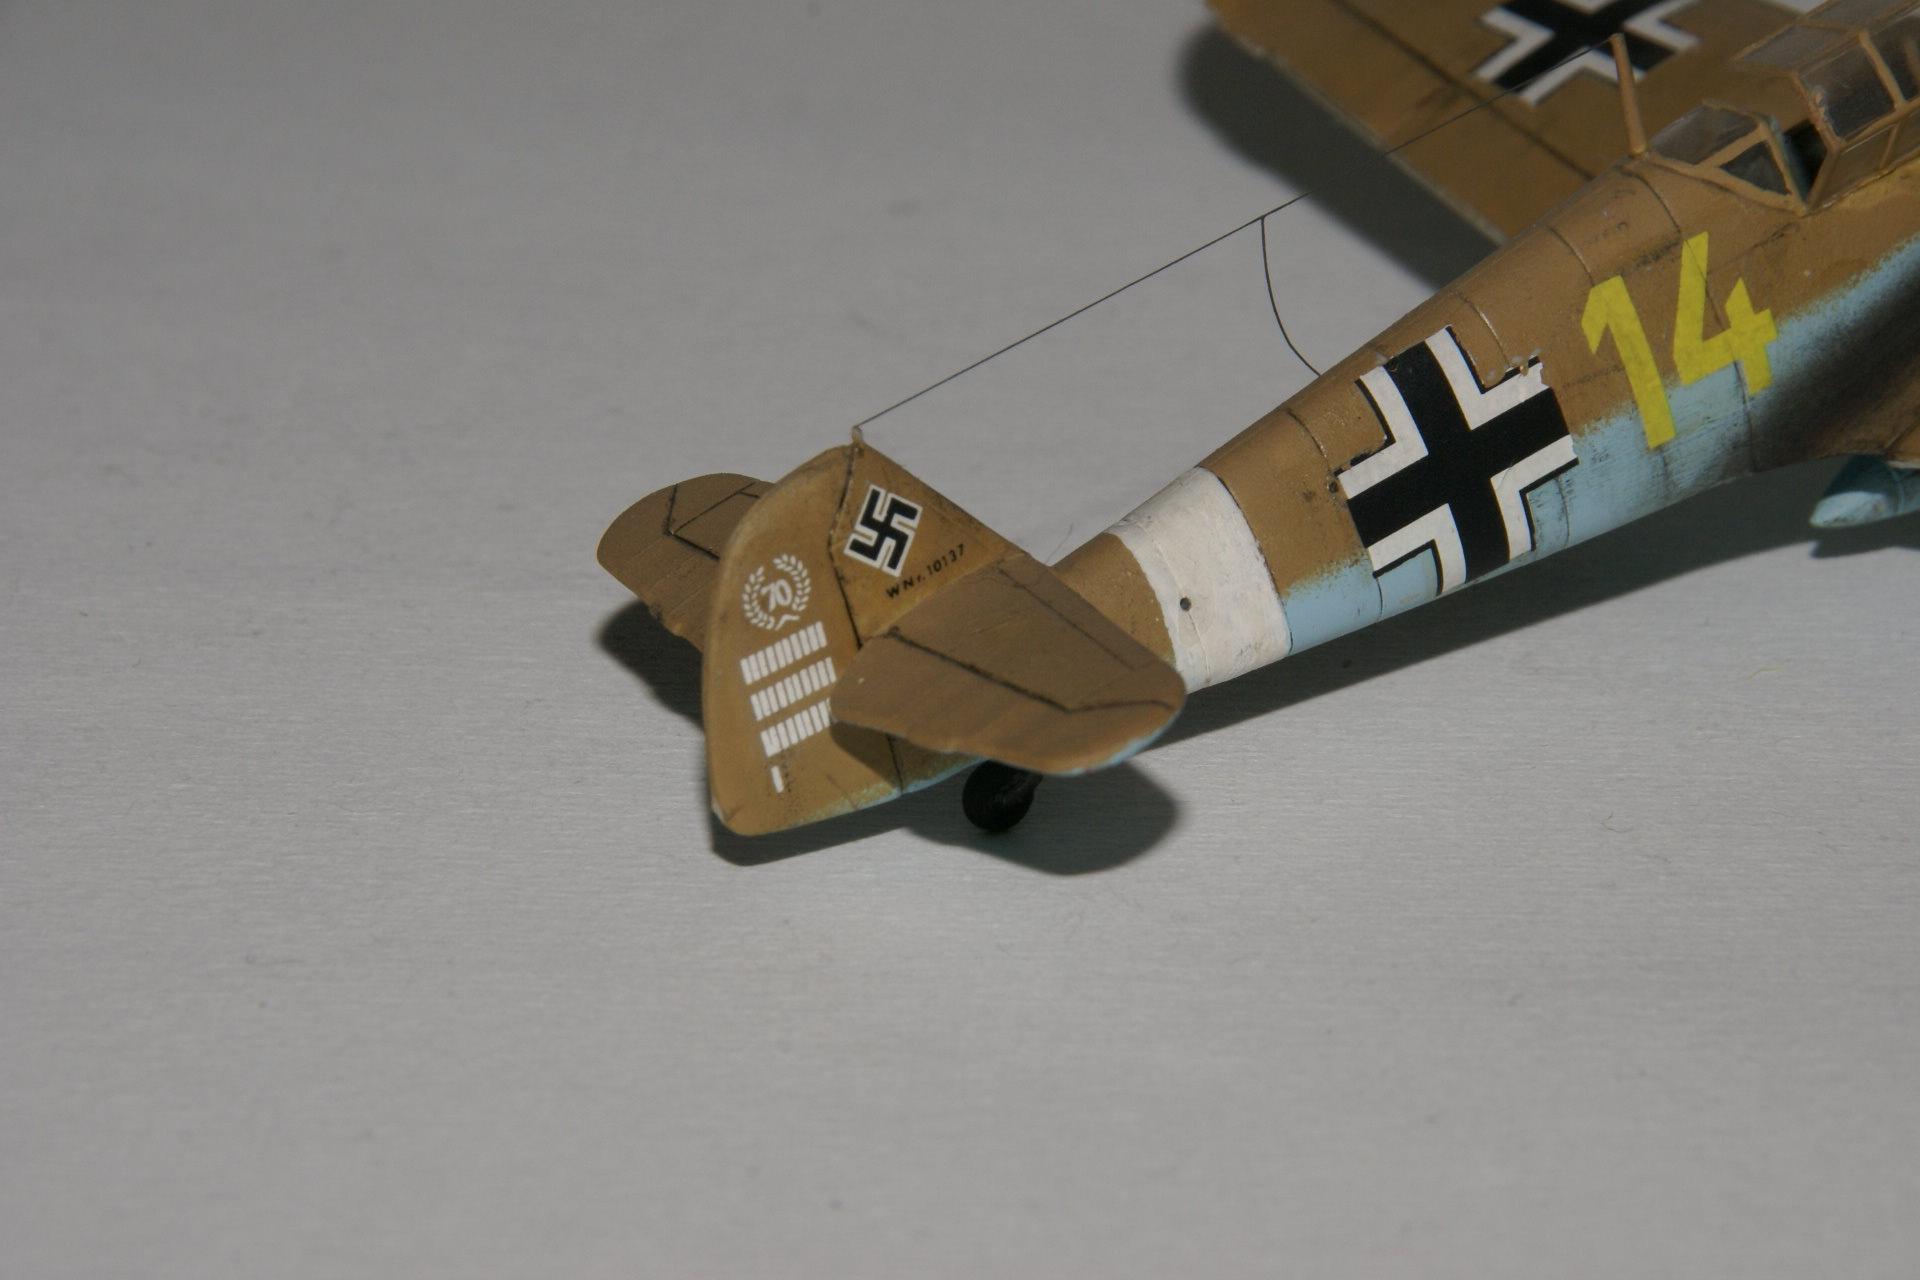 Messerschmitt 109f 4 trop 4